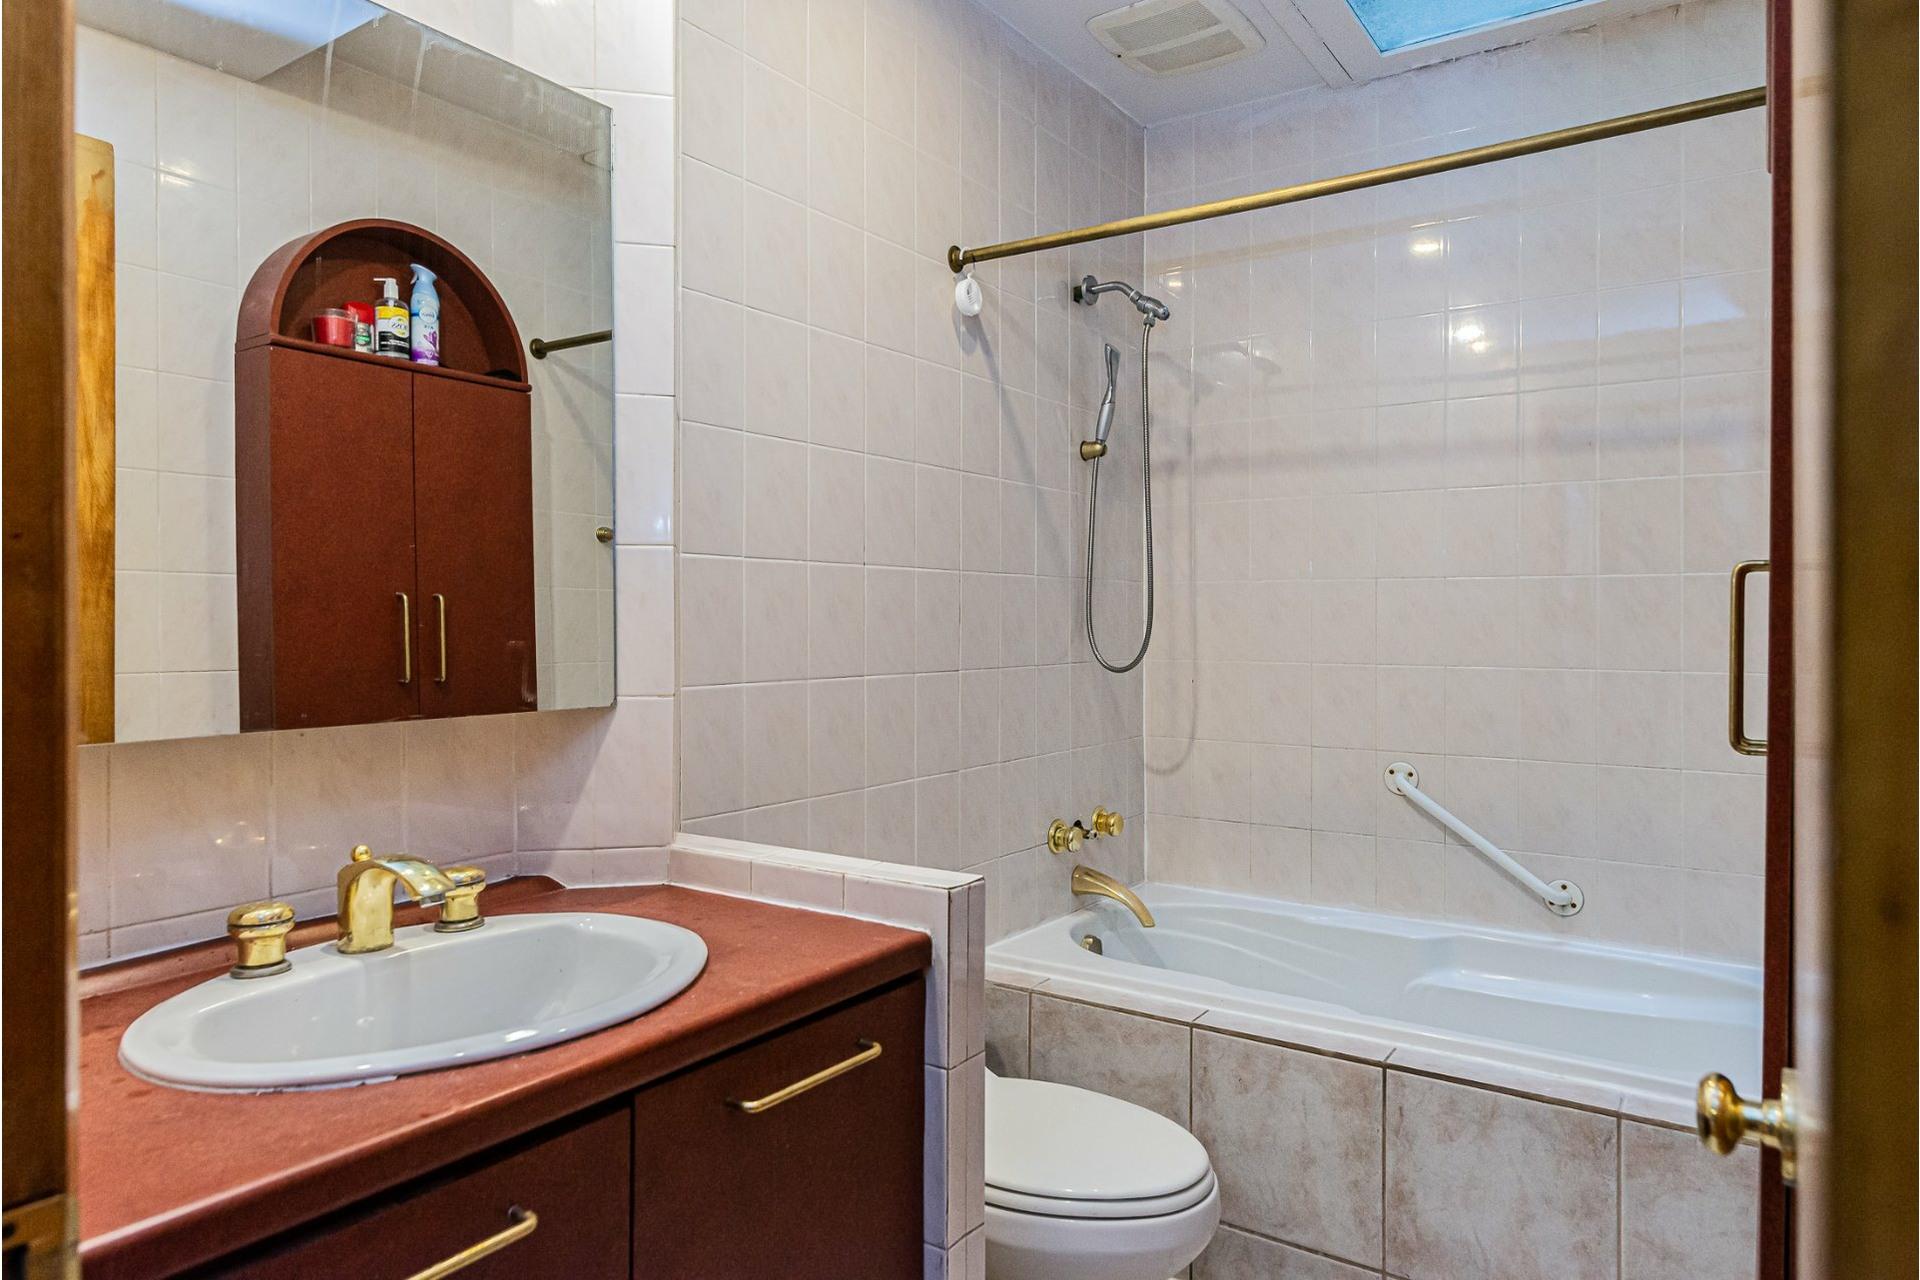 image 15 - Triplex For sale Villeray/Saint-Michel/Parc-Extension Montréal  - 6 rooms